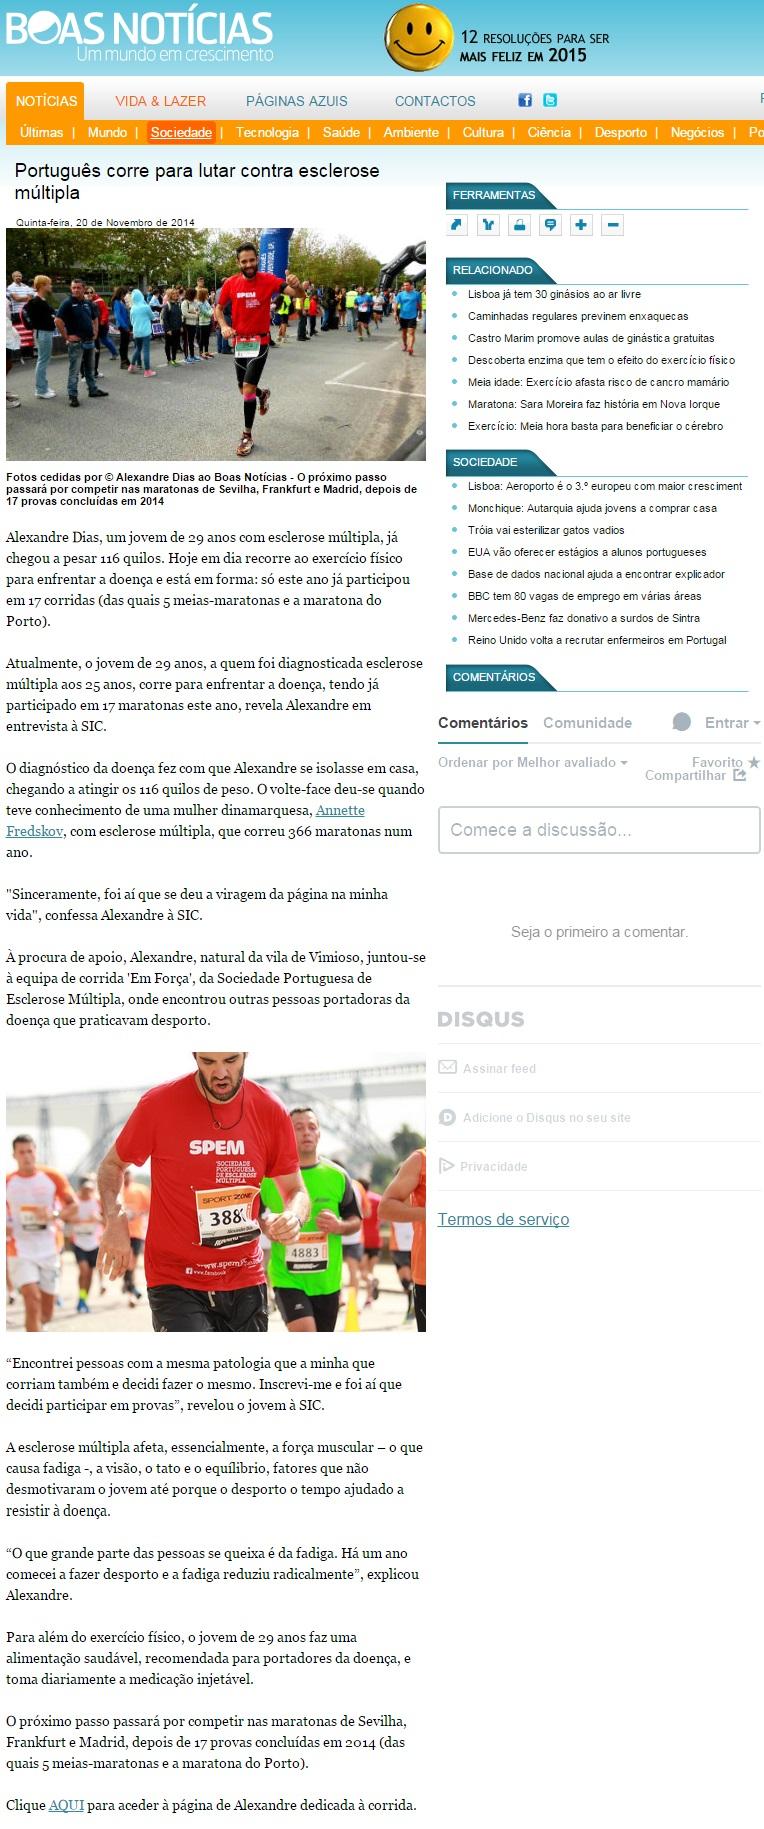 boasnoticias.pt 2014.11.20 portugese